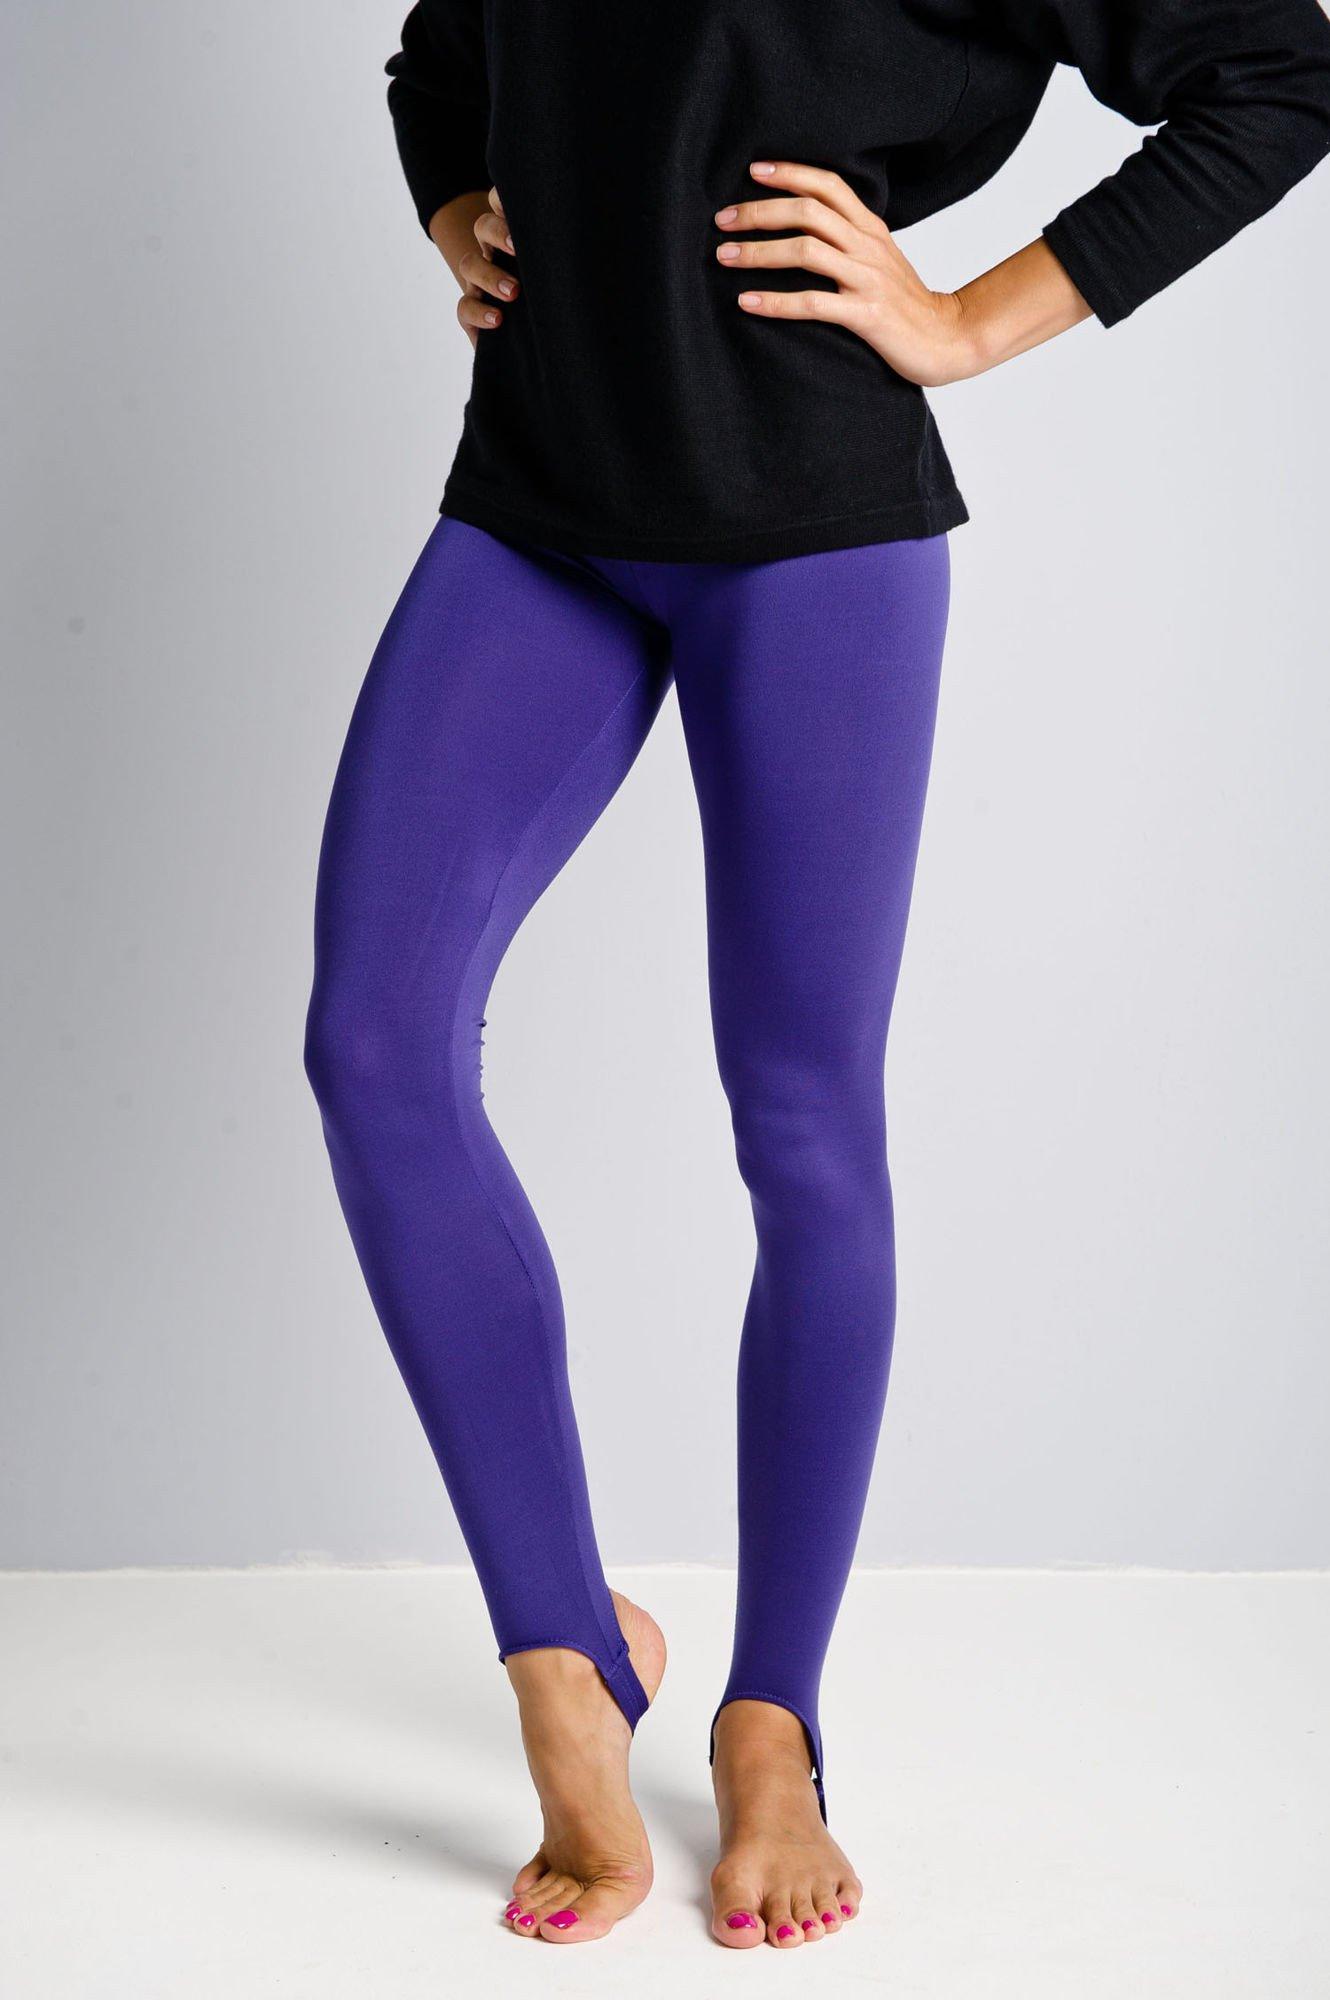 Fioletowe legginsy zakładane na stopę                                  zdj.                                  1